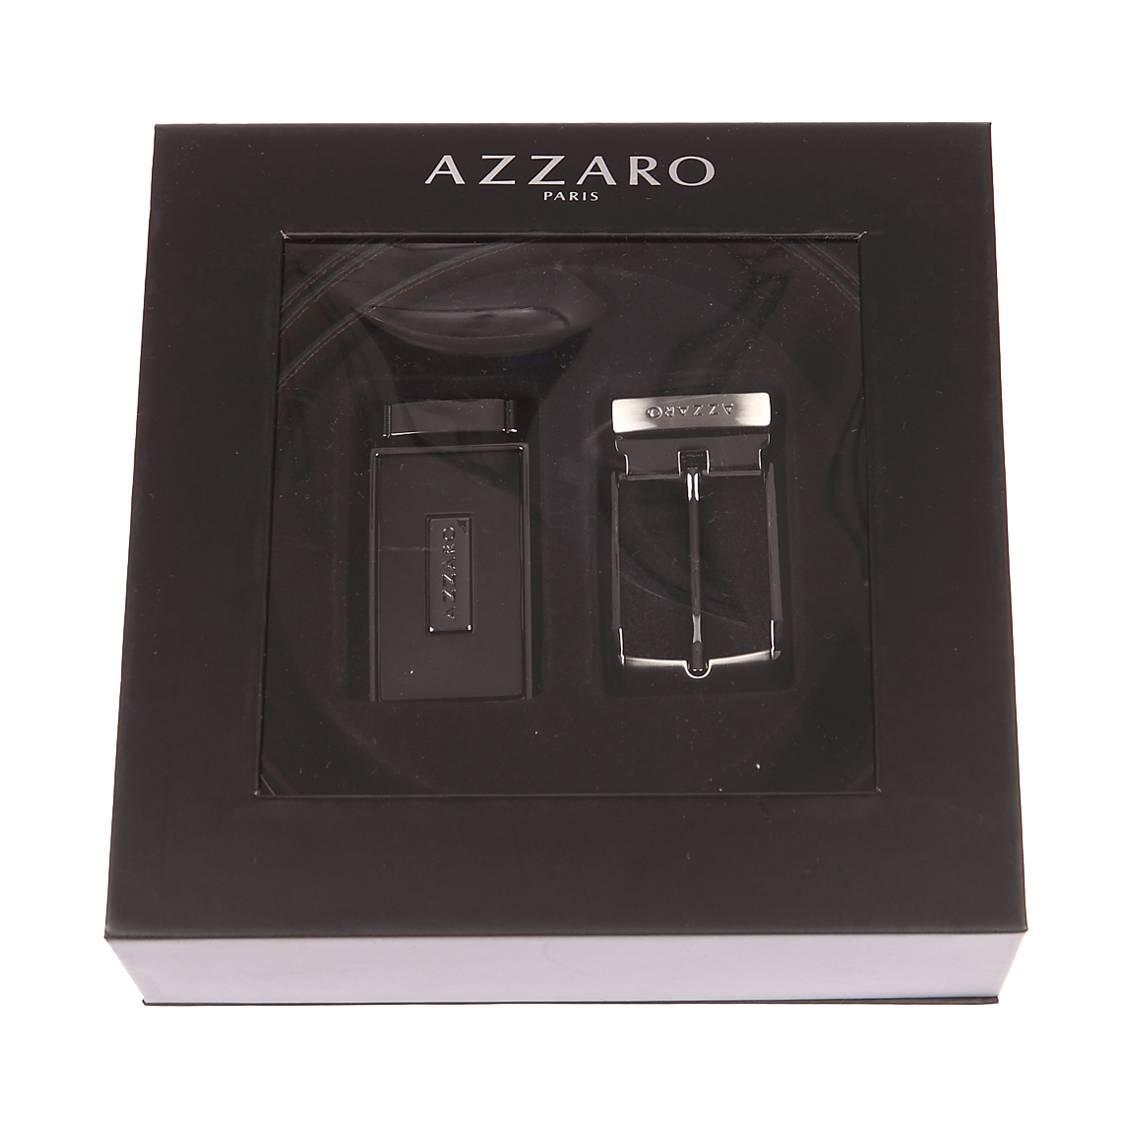 fc0a0704fe98 Coffret cadeau Azzaro   ceinture en cuir noir réversible marron à boucle  pleine argentée et noire ...